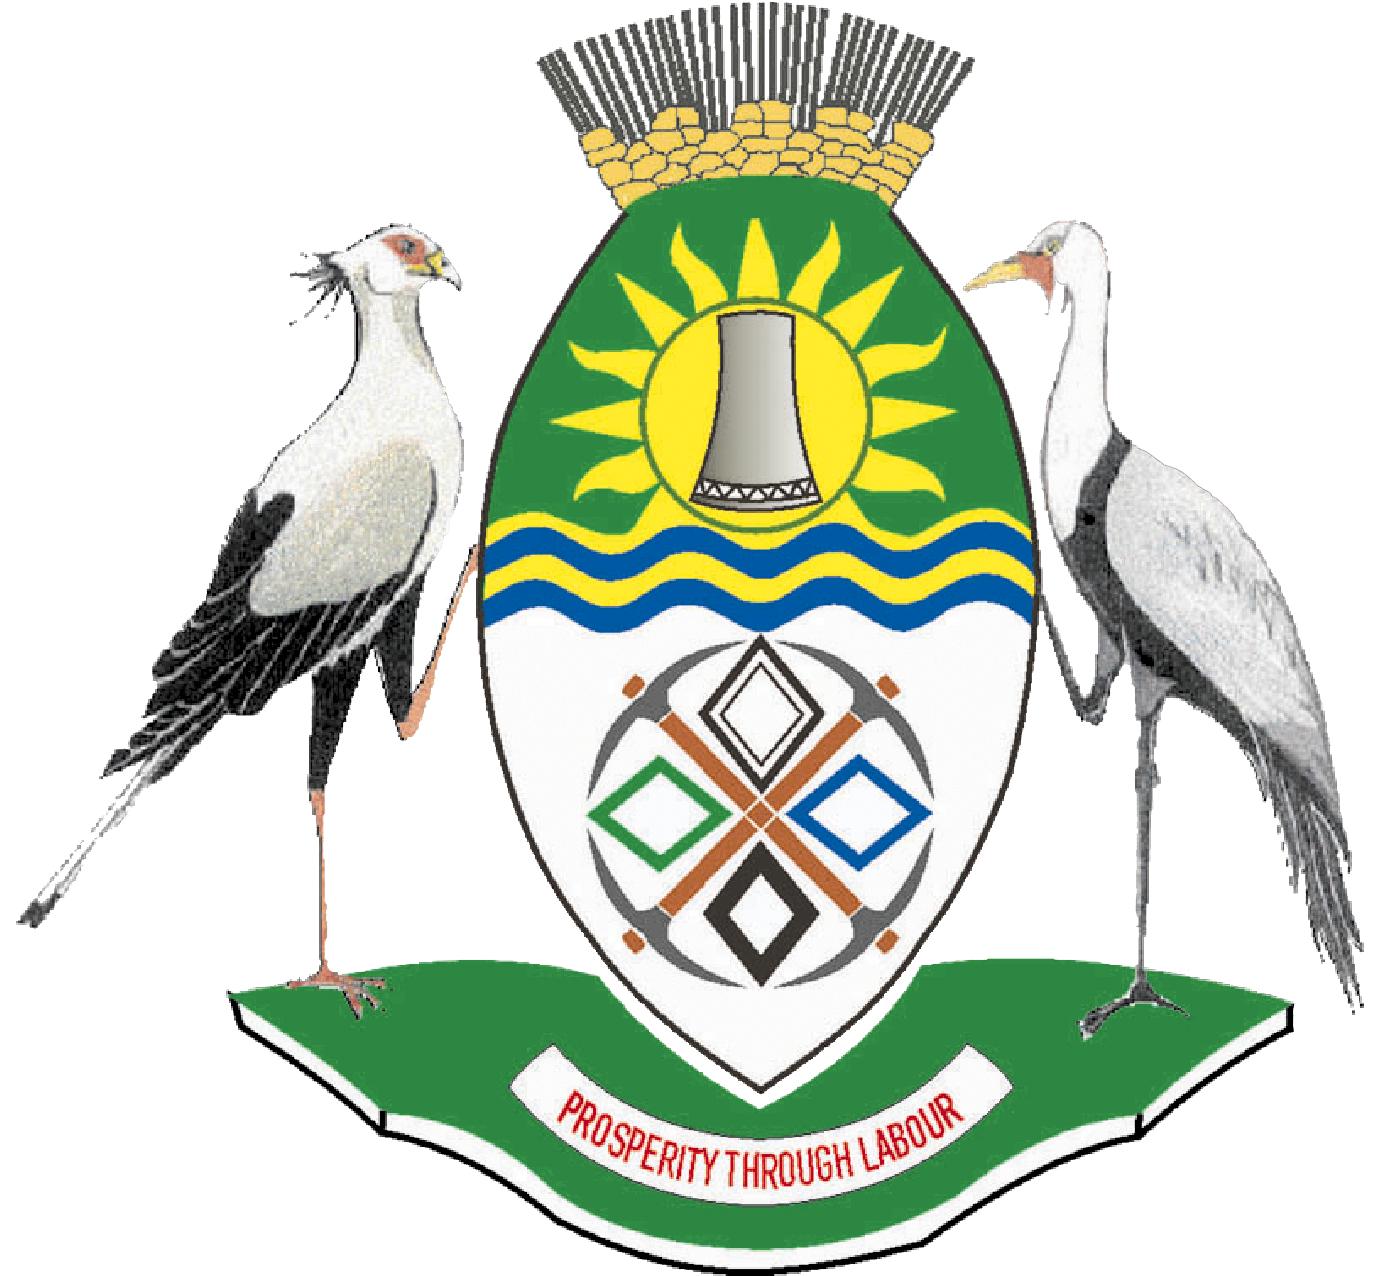 Nkangala District Municipality